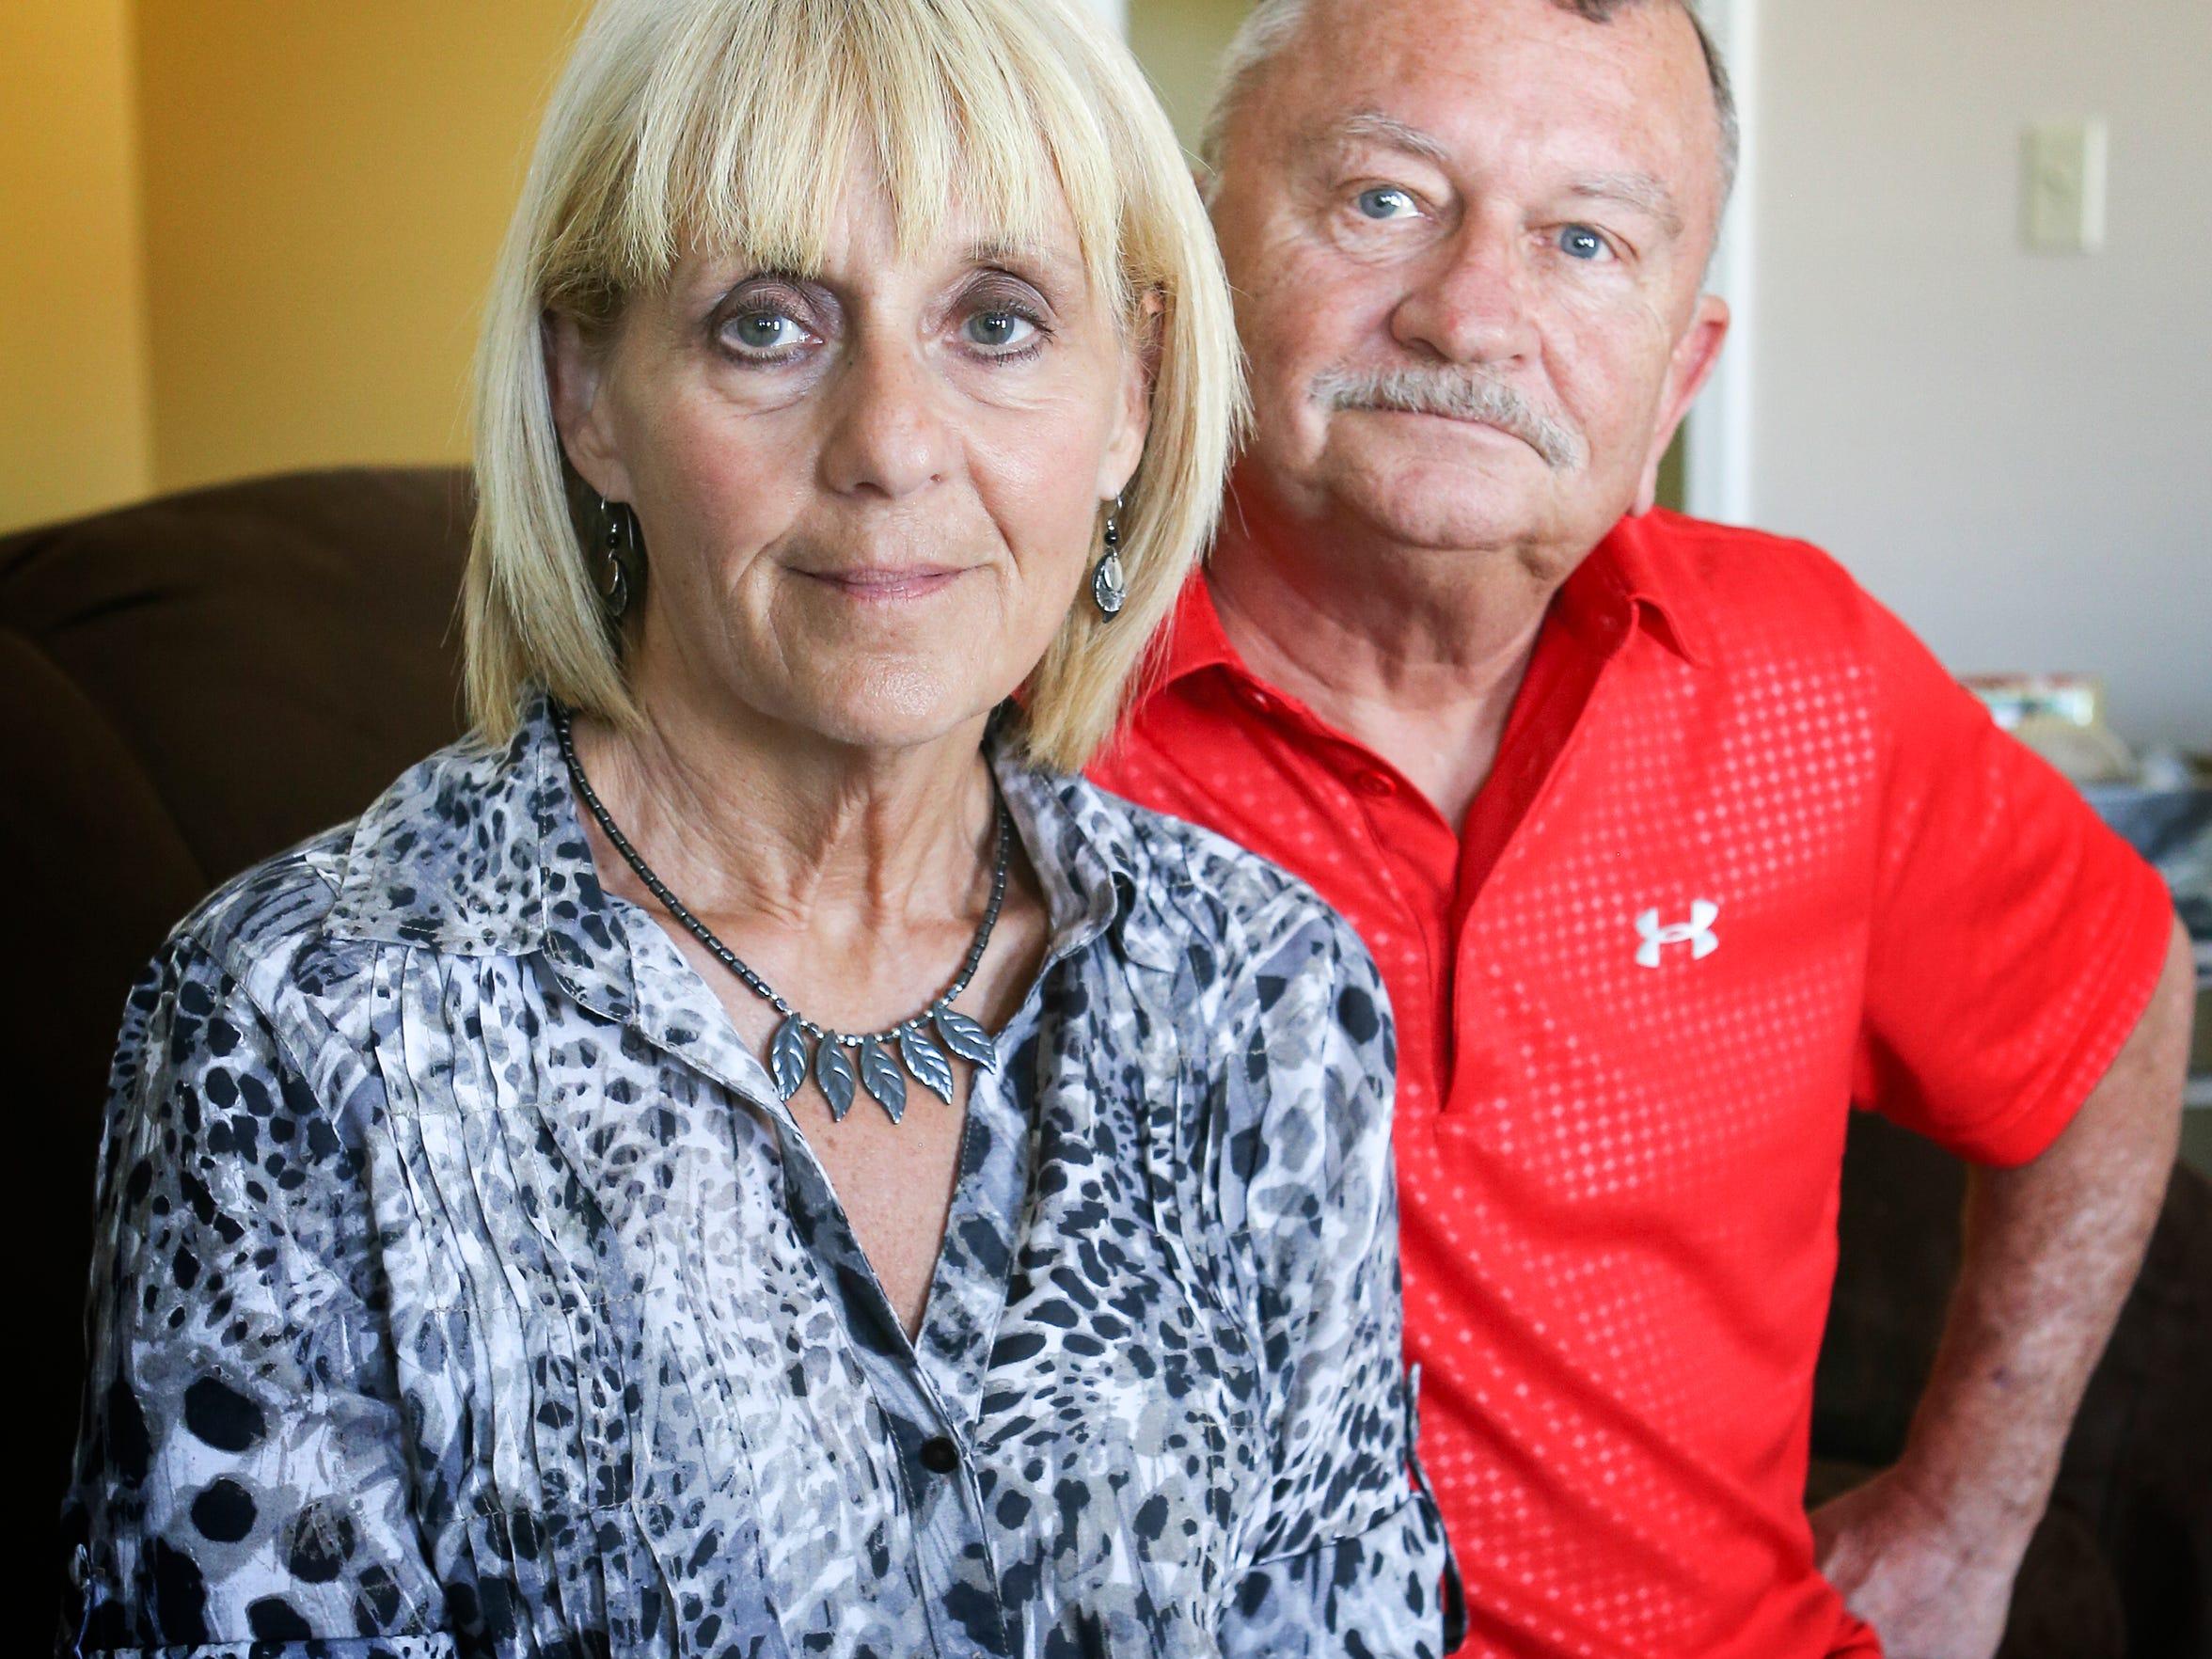 Brenda and Karl Cooley.May 13, 2016